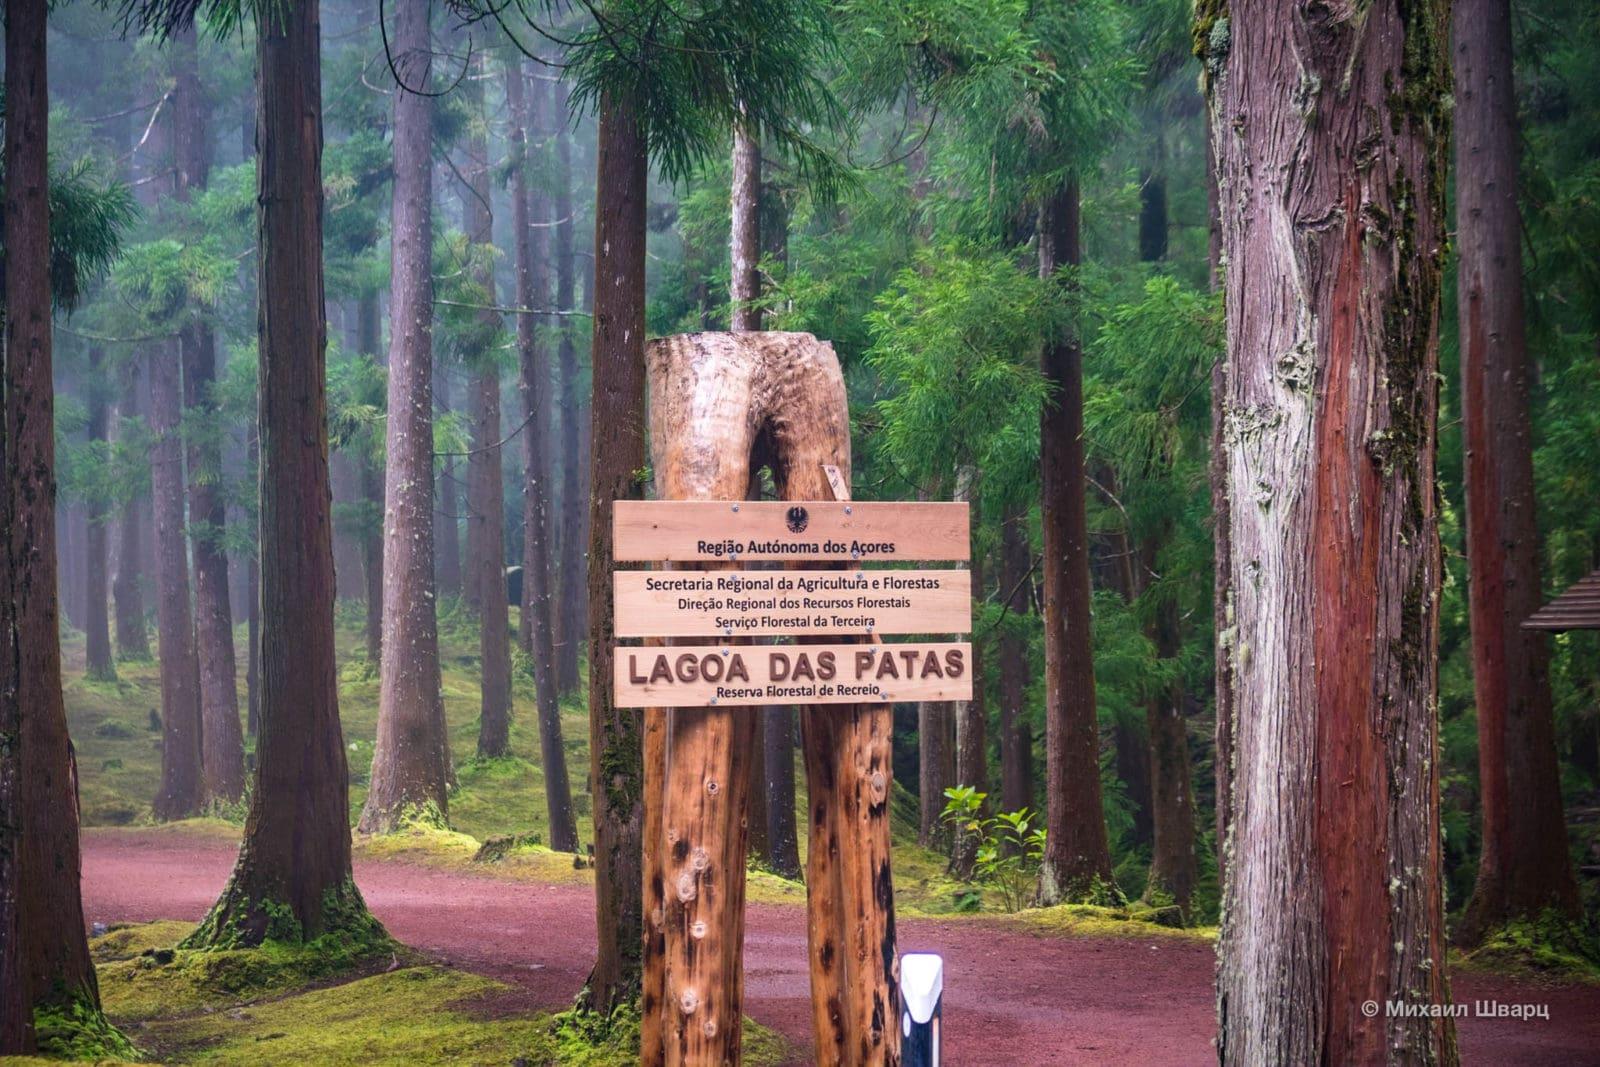 Озеро Lagoa das Patas